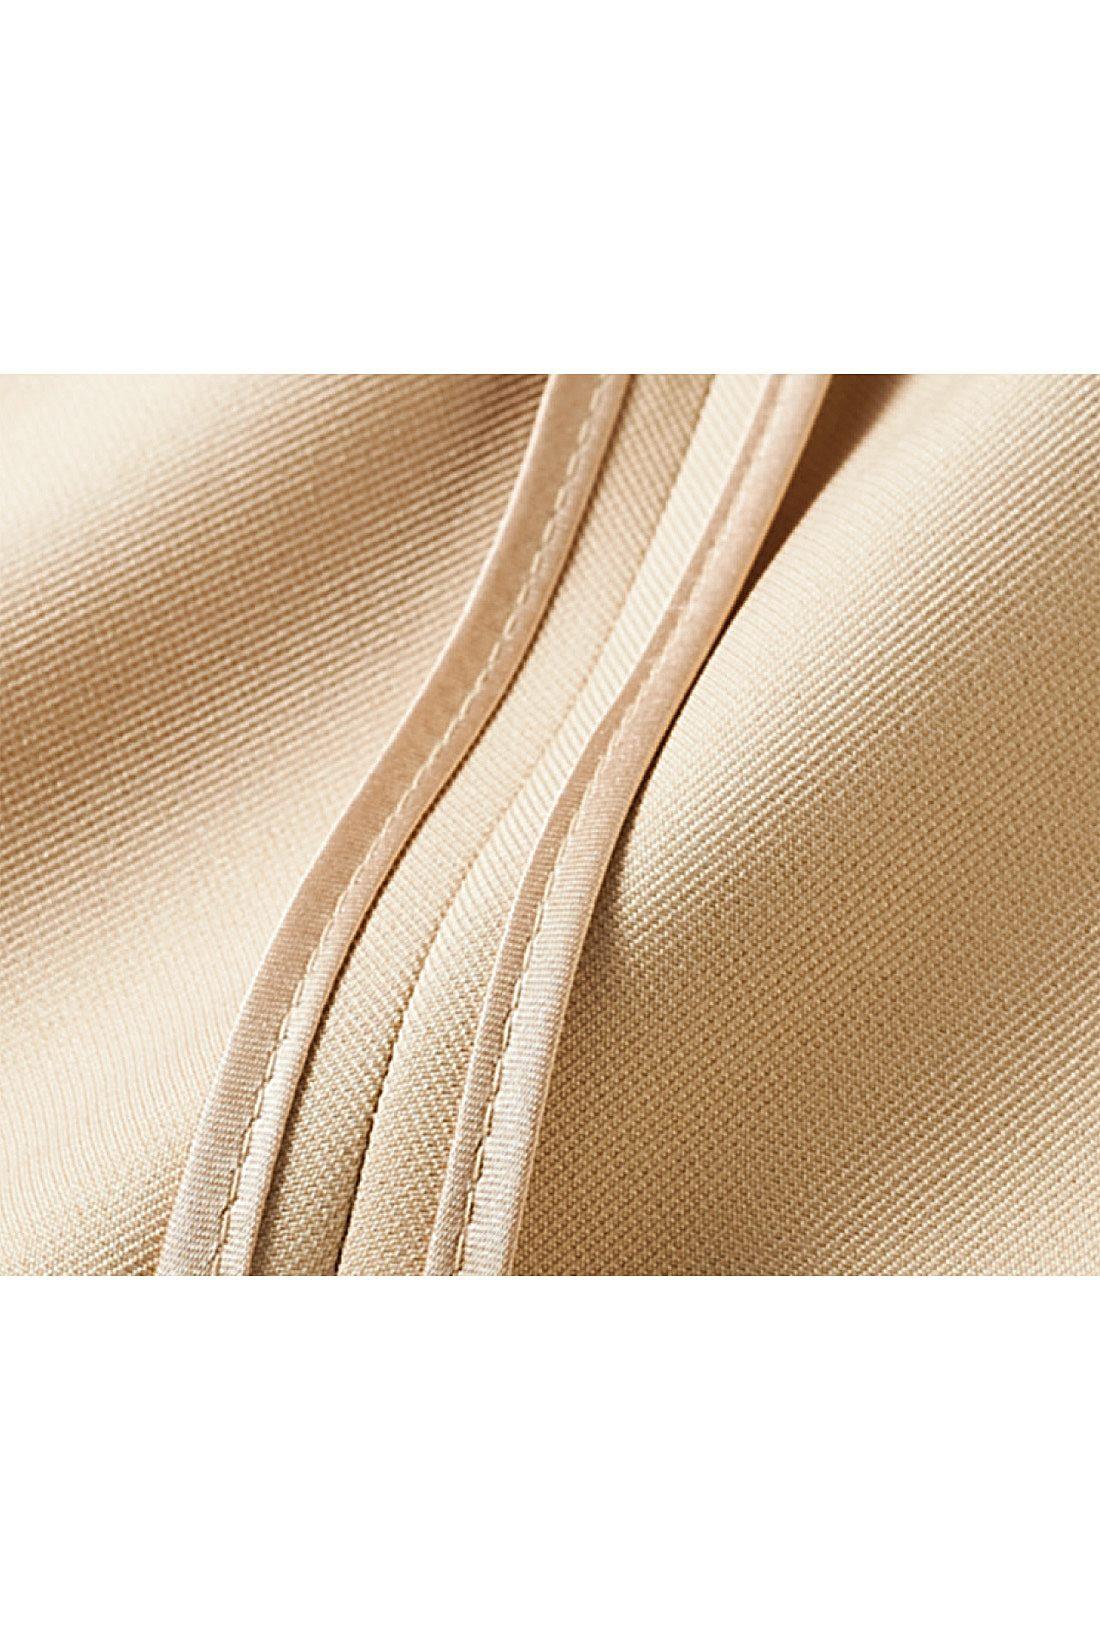 パイピング遣いで脱いでもきれいな印象 一枚仕立てのコートの裏は、縫い端を丁寧にゴールドサテンのテープでパイピング。ひらりと裏が見えた時や脱いだ時にも上質感が漂います。